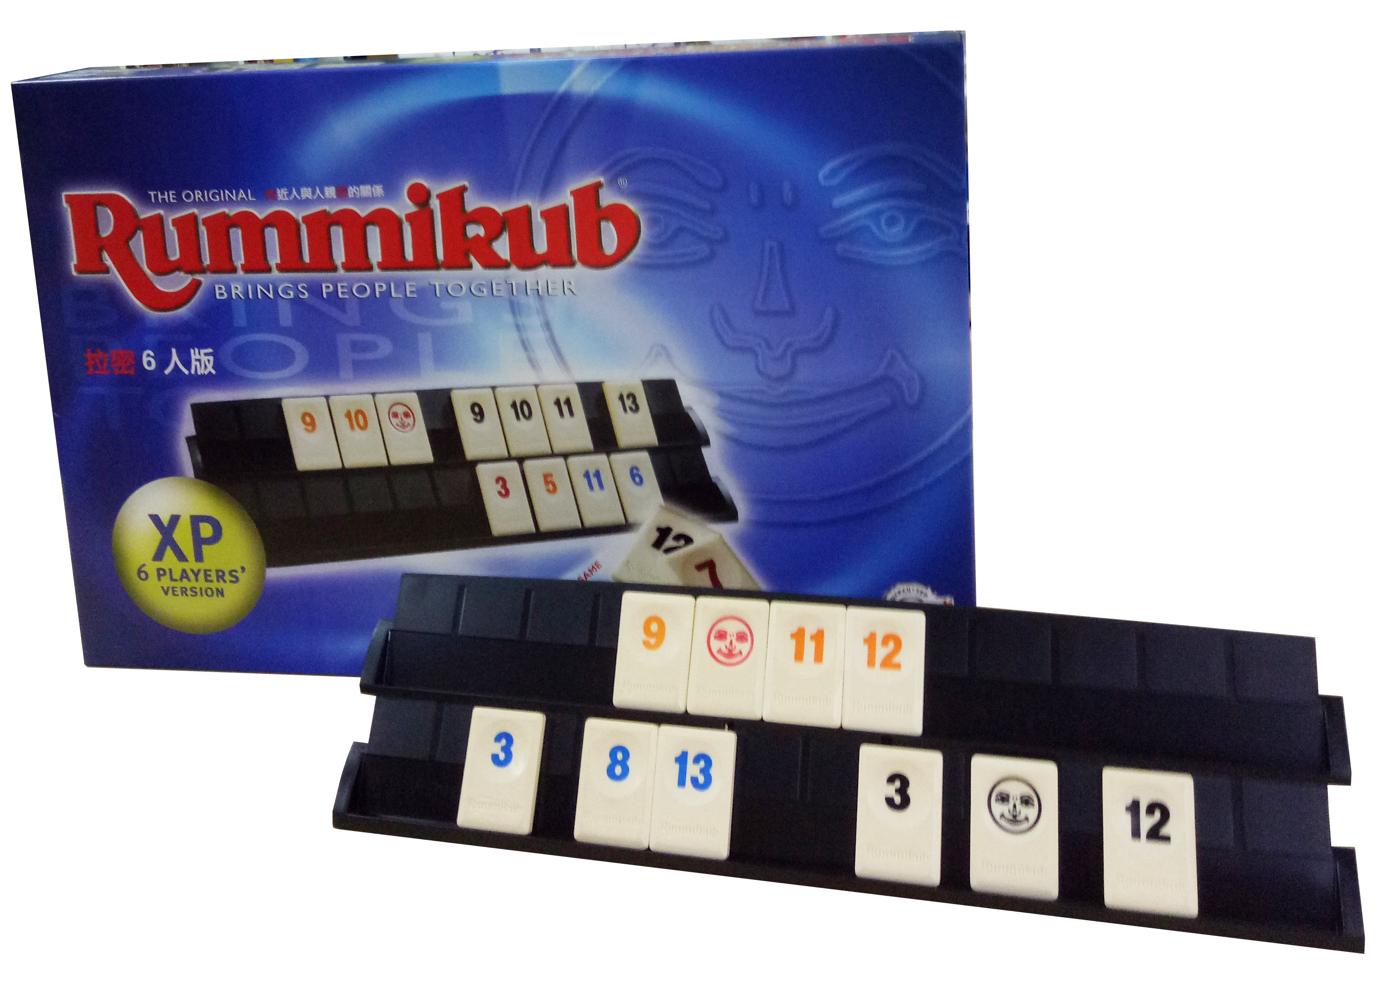 高雄龐奇桌遊拉密六人版Rummikub XP拉密6人標準版正版桌上遊戲專賣店